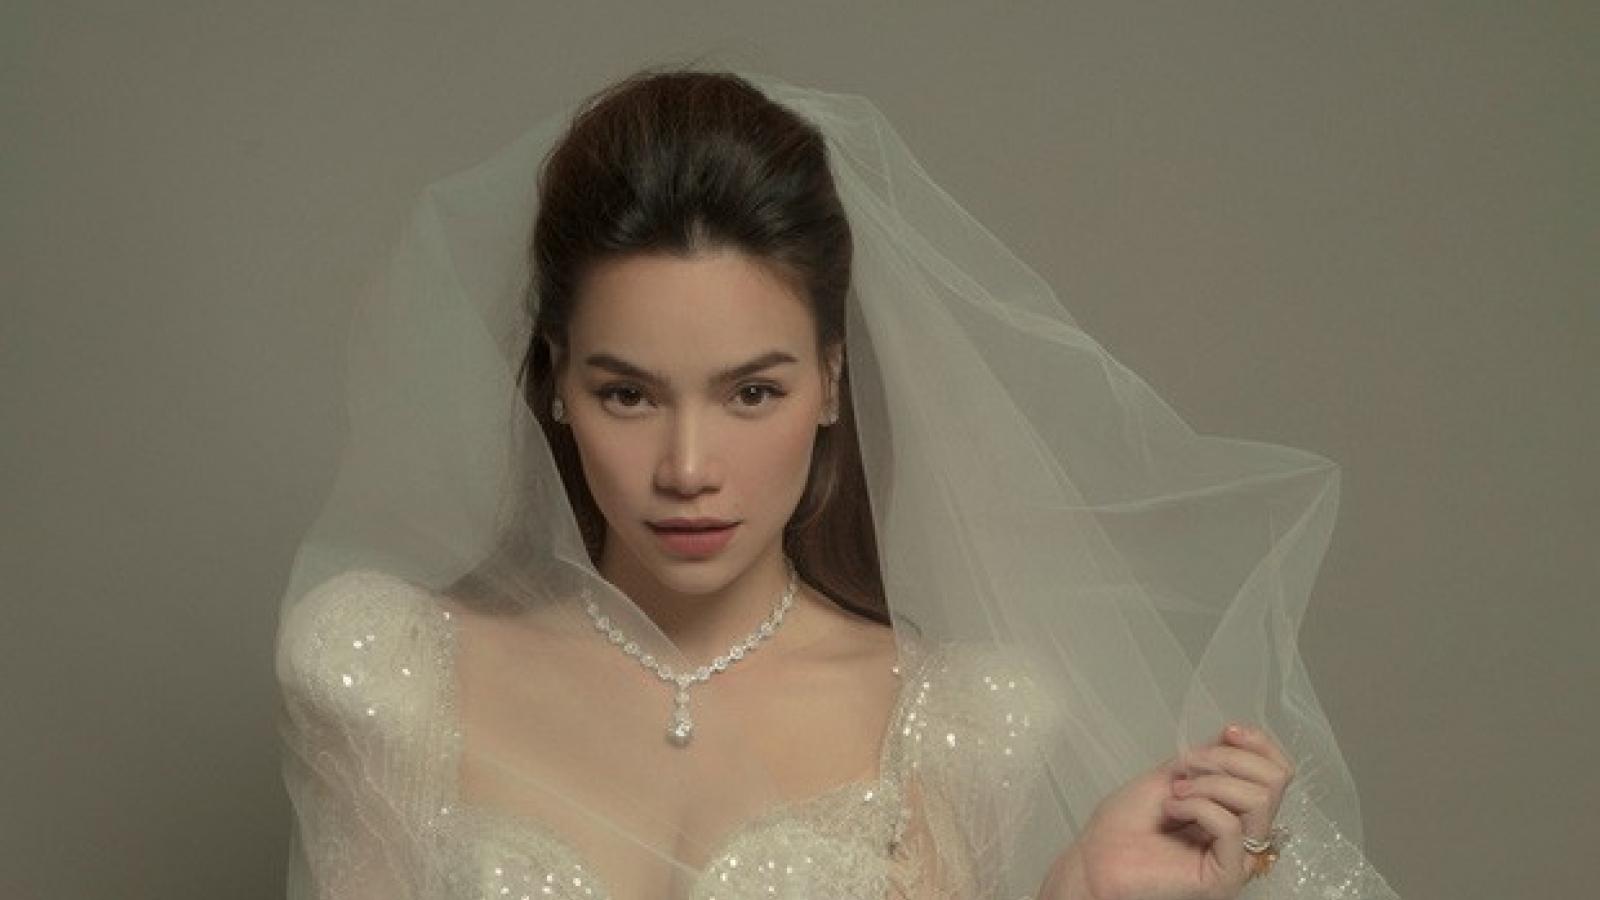 """Chuyện showbiz: Hồ Ngọc Hà mặc váy cưới lộng lẫy, nhan sắc ngày càng """"lên hương"""""""